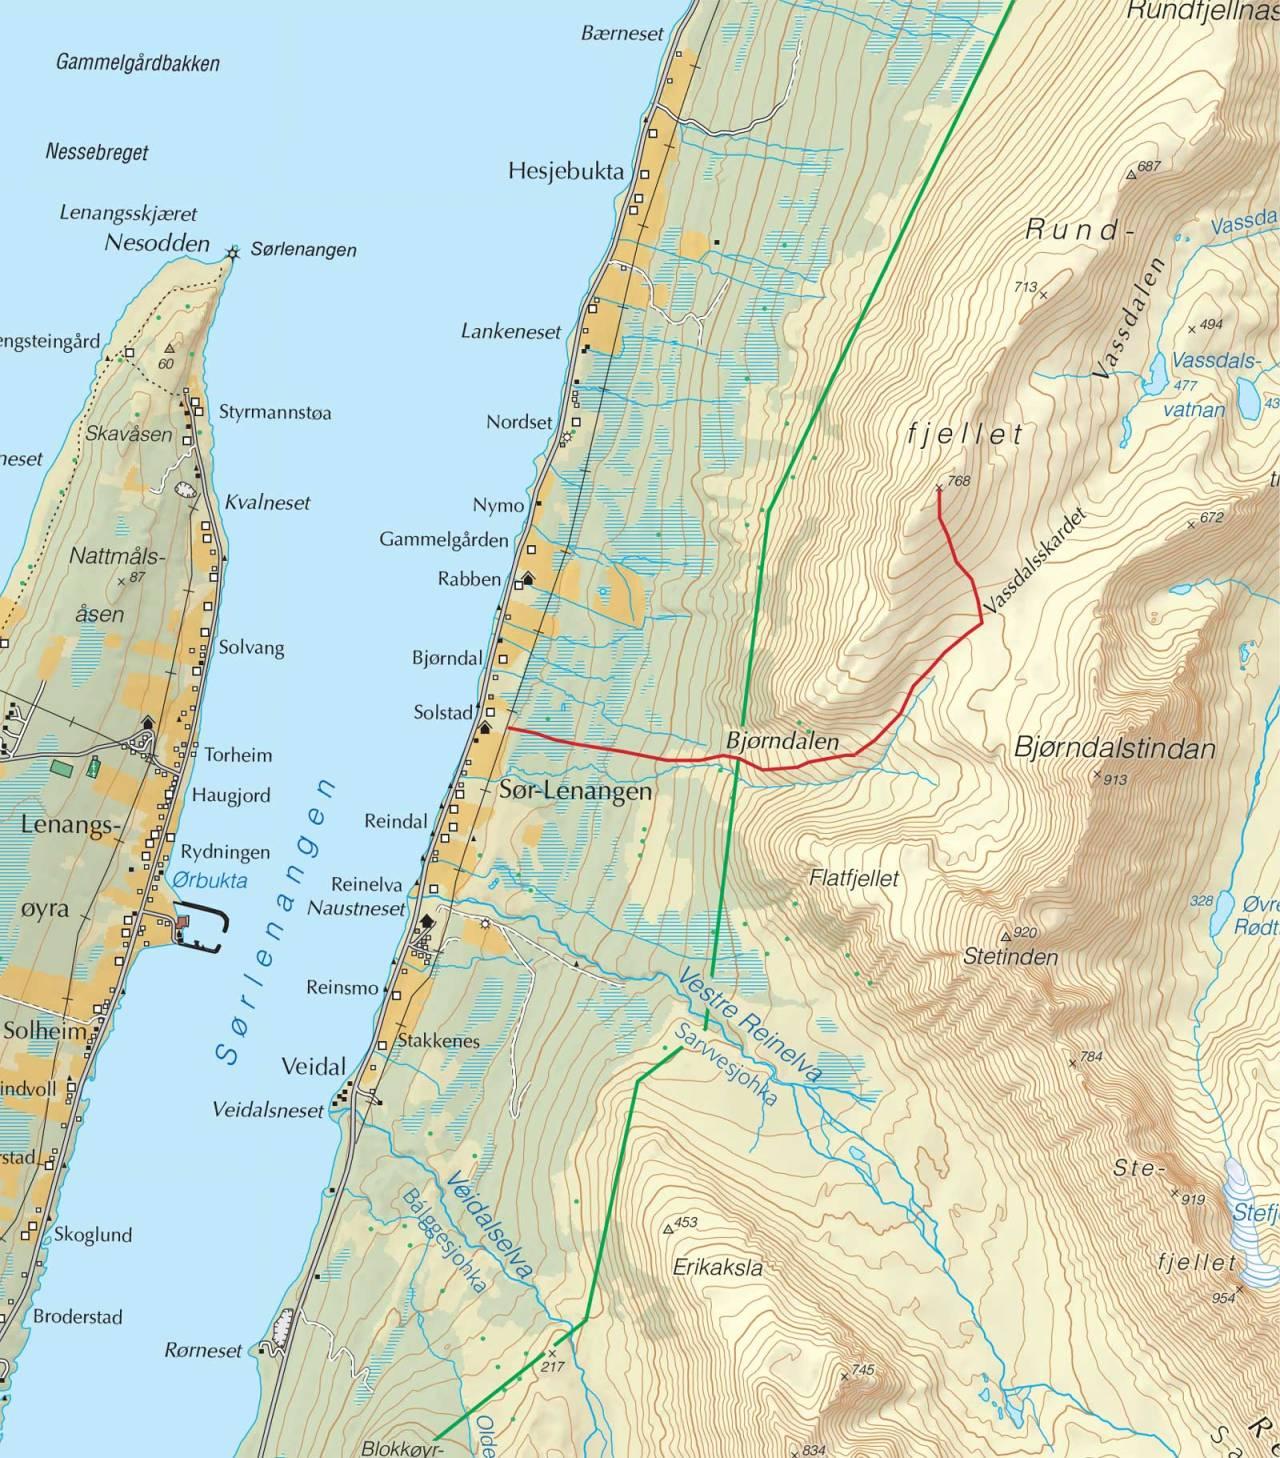 Kart over Rundefjellet med inntegnet rute. Fra Trygge toppturer.